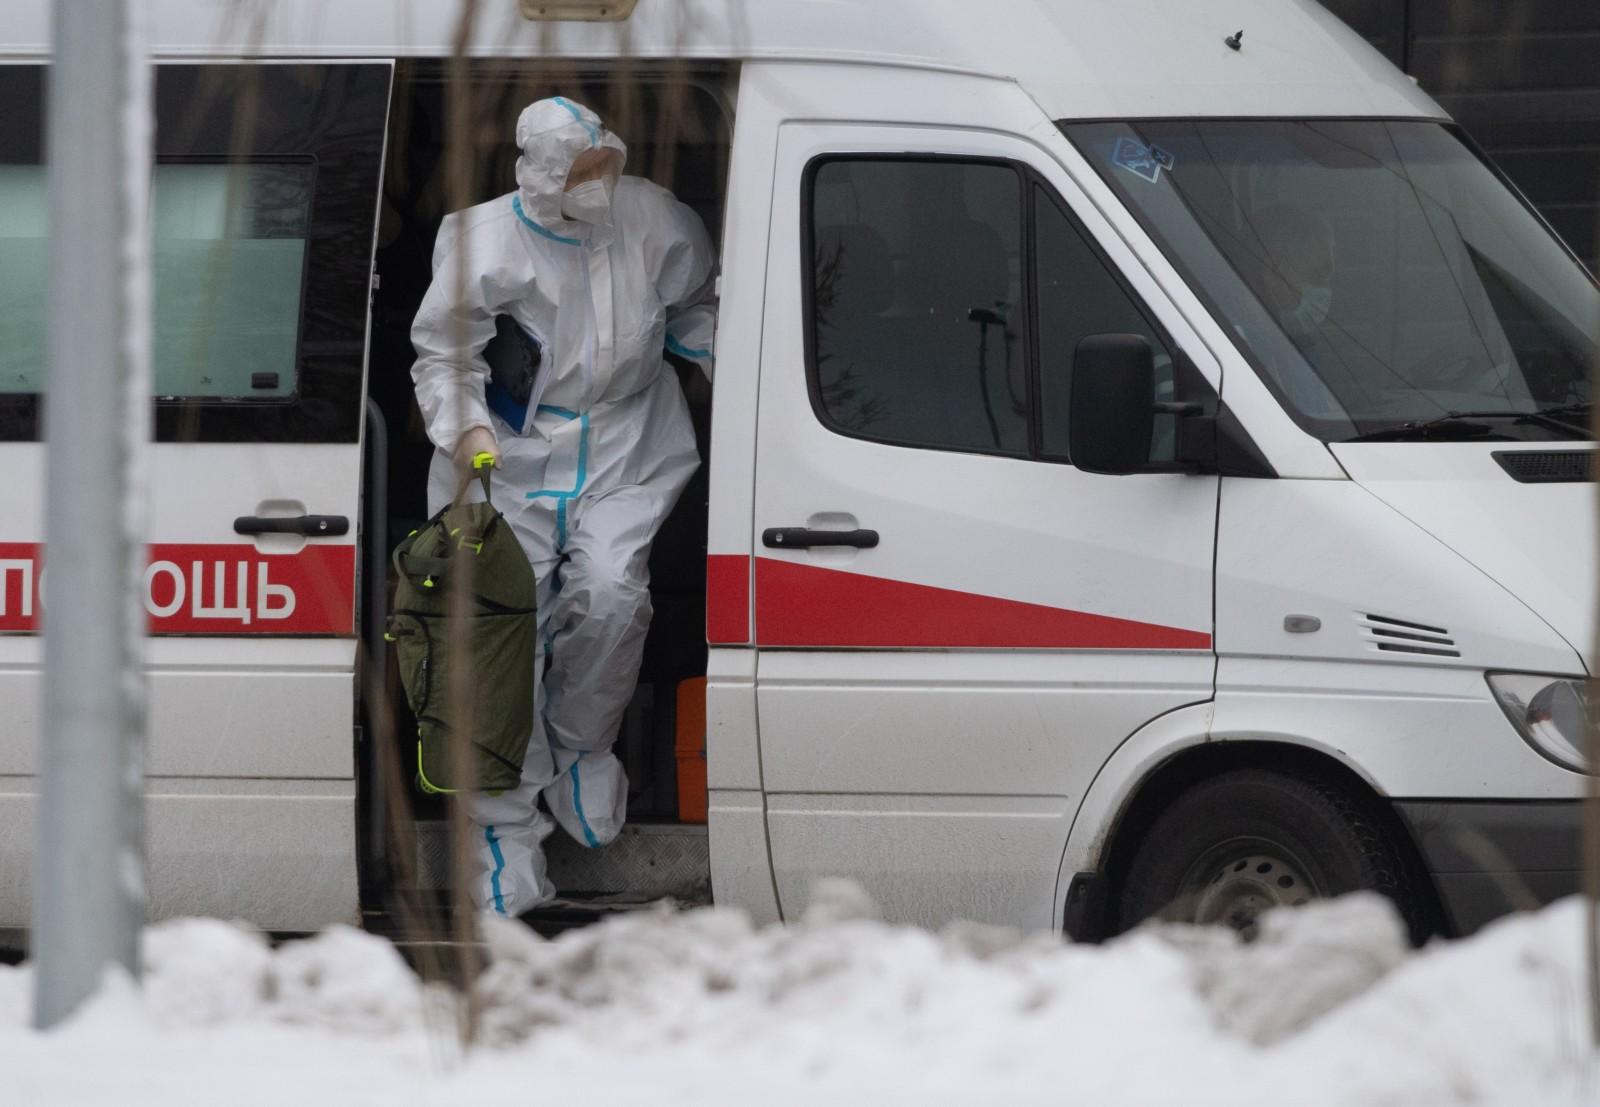 Врач бригады скорой медицинской помощи, которая доставила пациента в карантинный центр в Коммунарке. Илья Питалев / РИА Новости